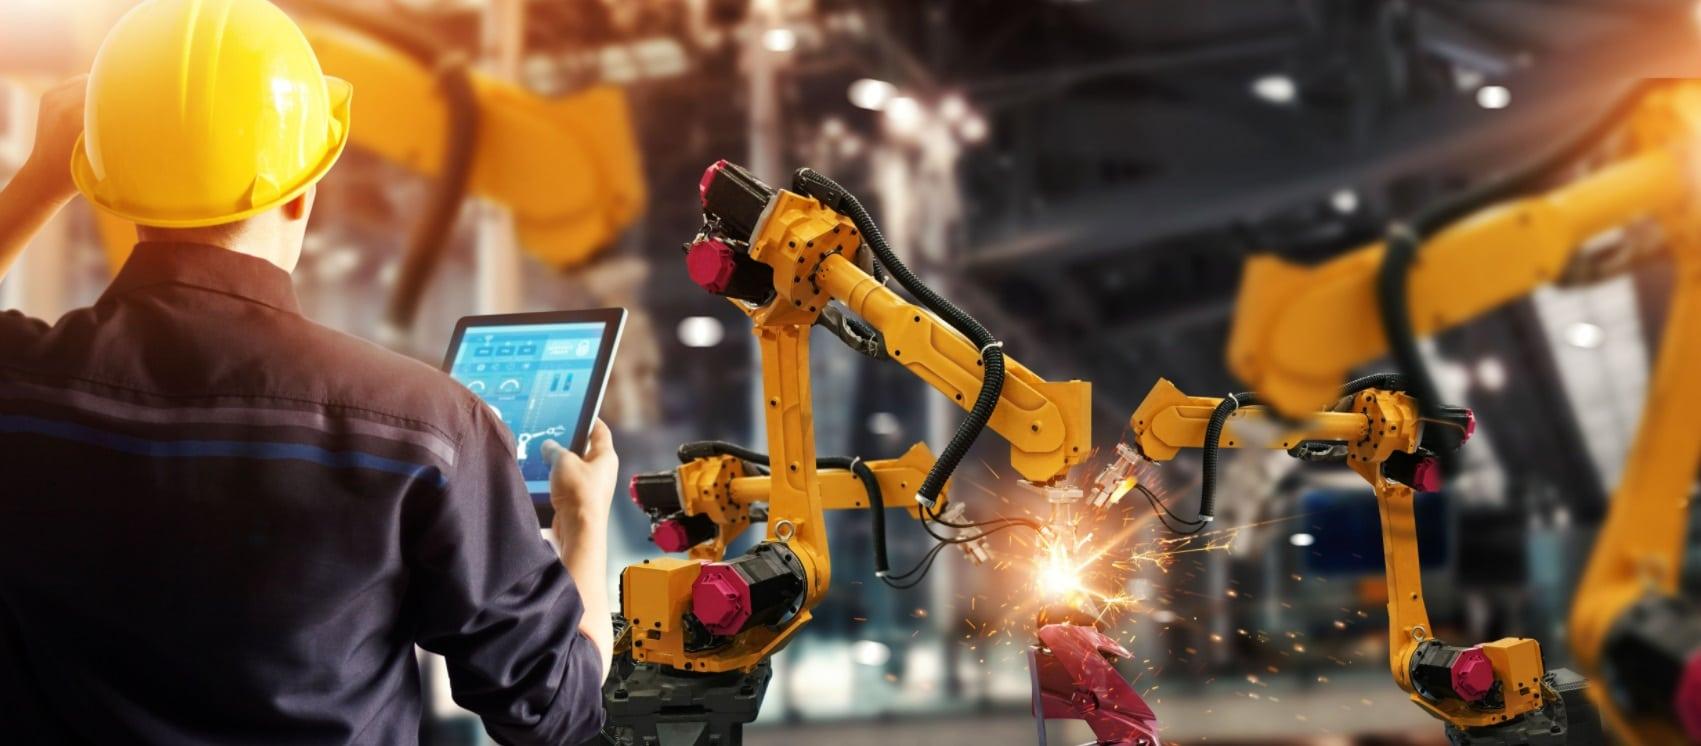 Robotique industrielle : gagner en rentabilité grâce au bras robotisé